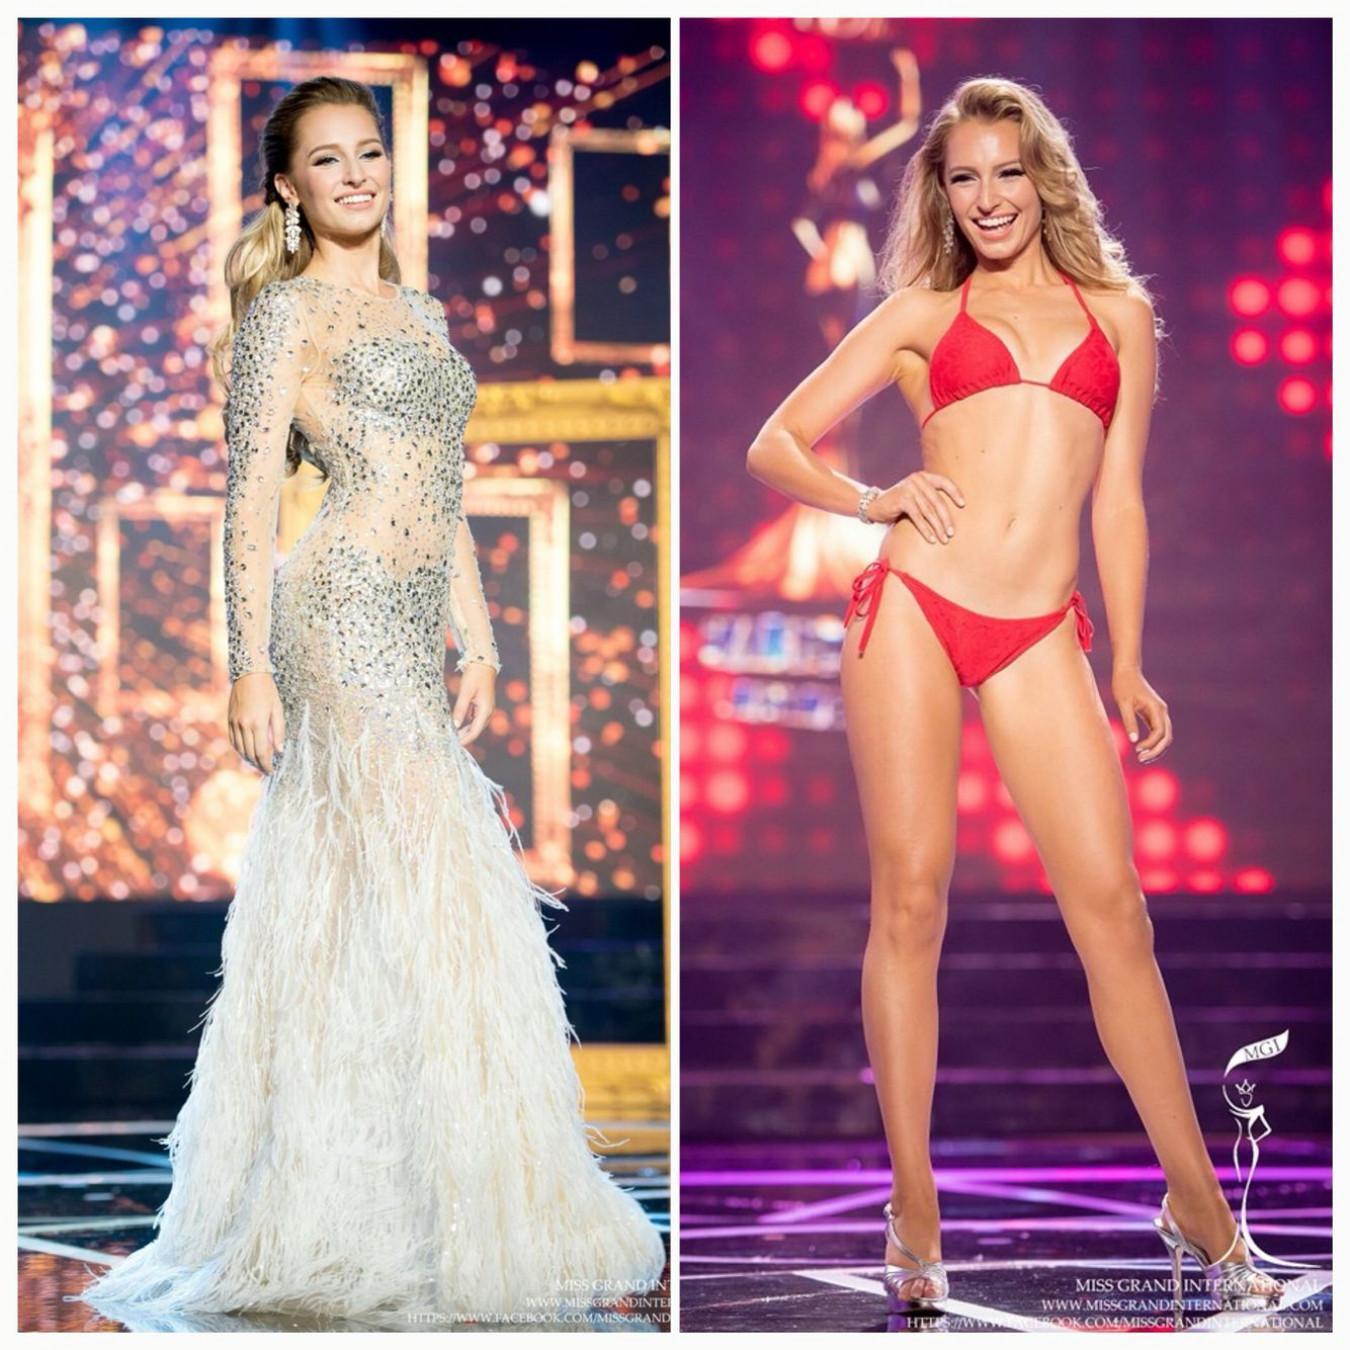 Claire Elizabeth Parker sinh ngày 30/6/1991, sở hữu chiều cao 1,73m, vốn là một người mẫu, diễn viên người Úc. Tại cuộc thi Hoa hậu Hòa bình Quốc tế - Miss Grand International 2015 diễn ra ở Thái Lan, cô đoạt ngôi vị Á hậu 1